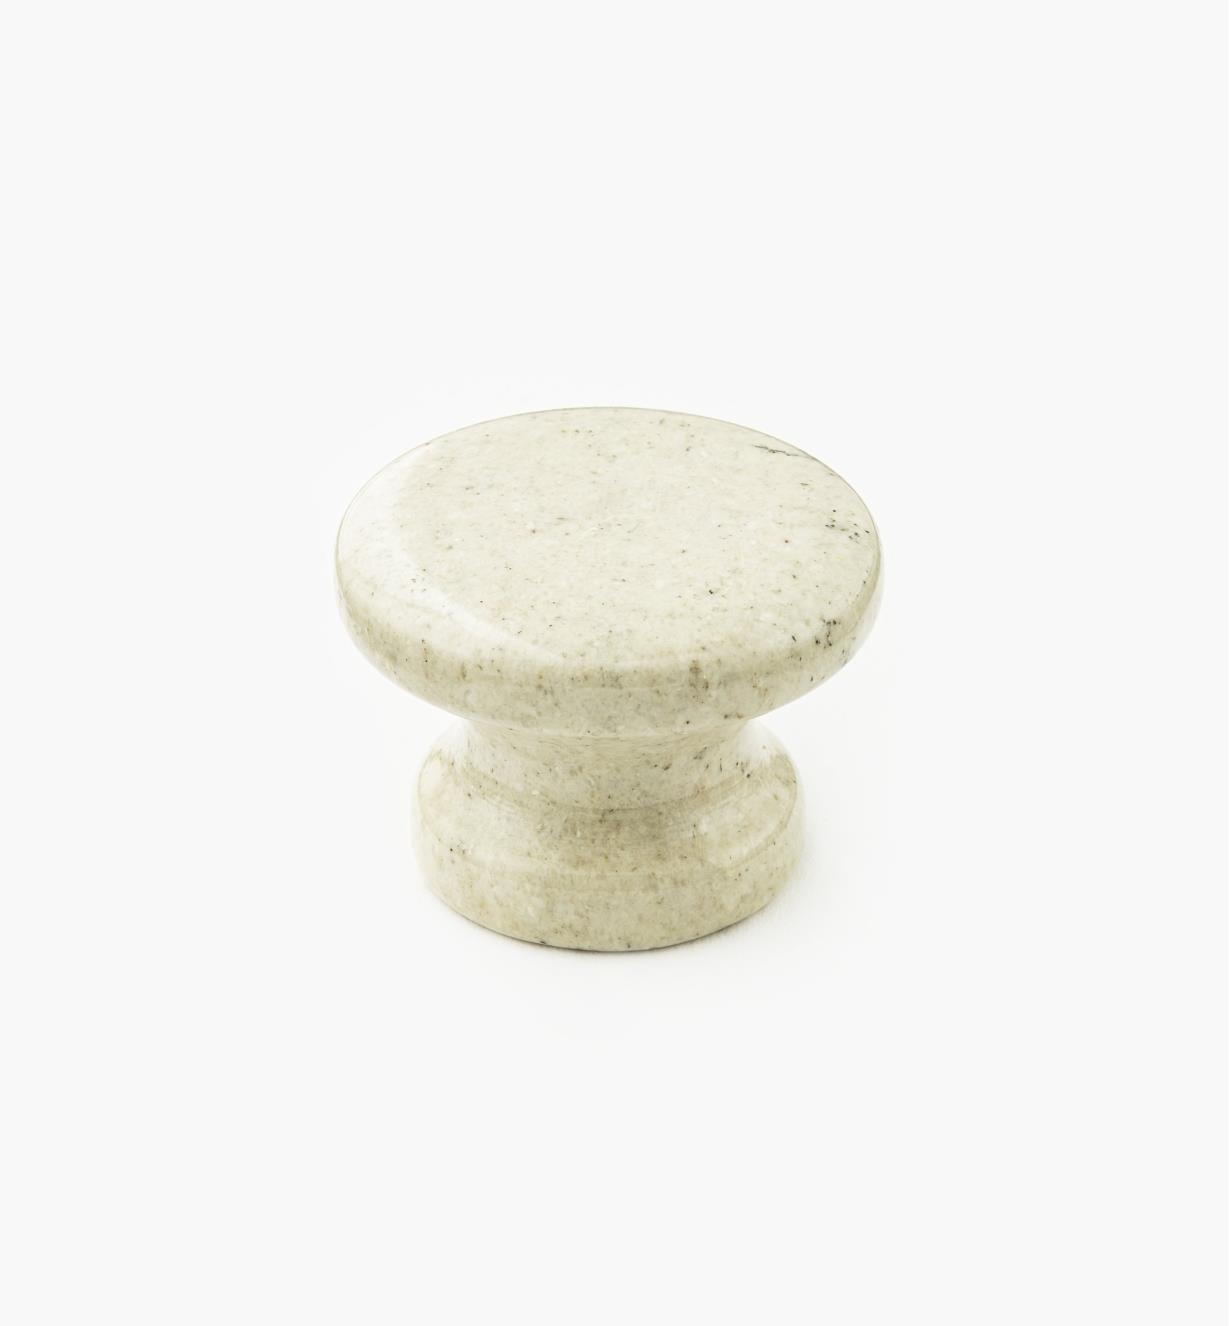 00W4022 - Bouton en marbre, sable, 34 mm x 25 mm